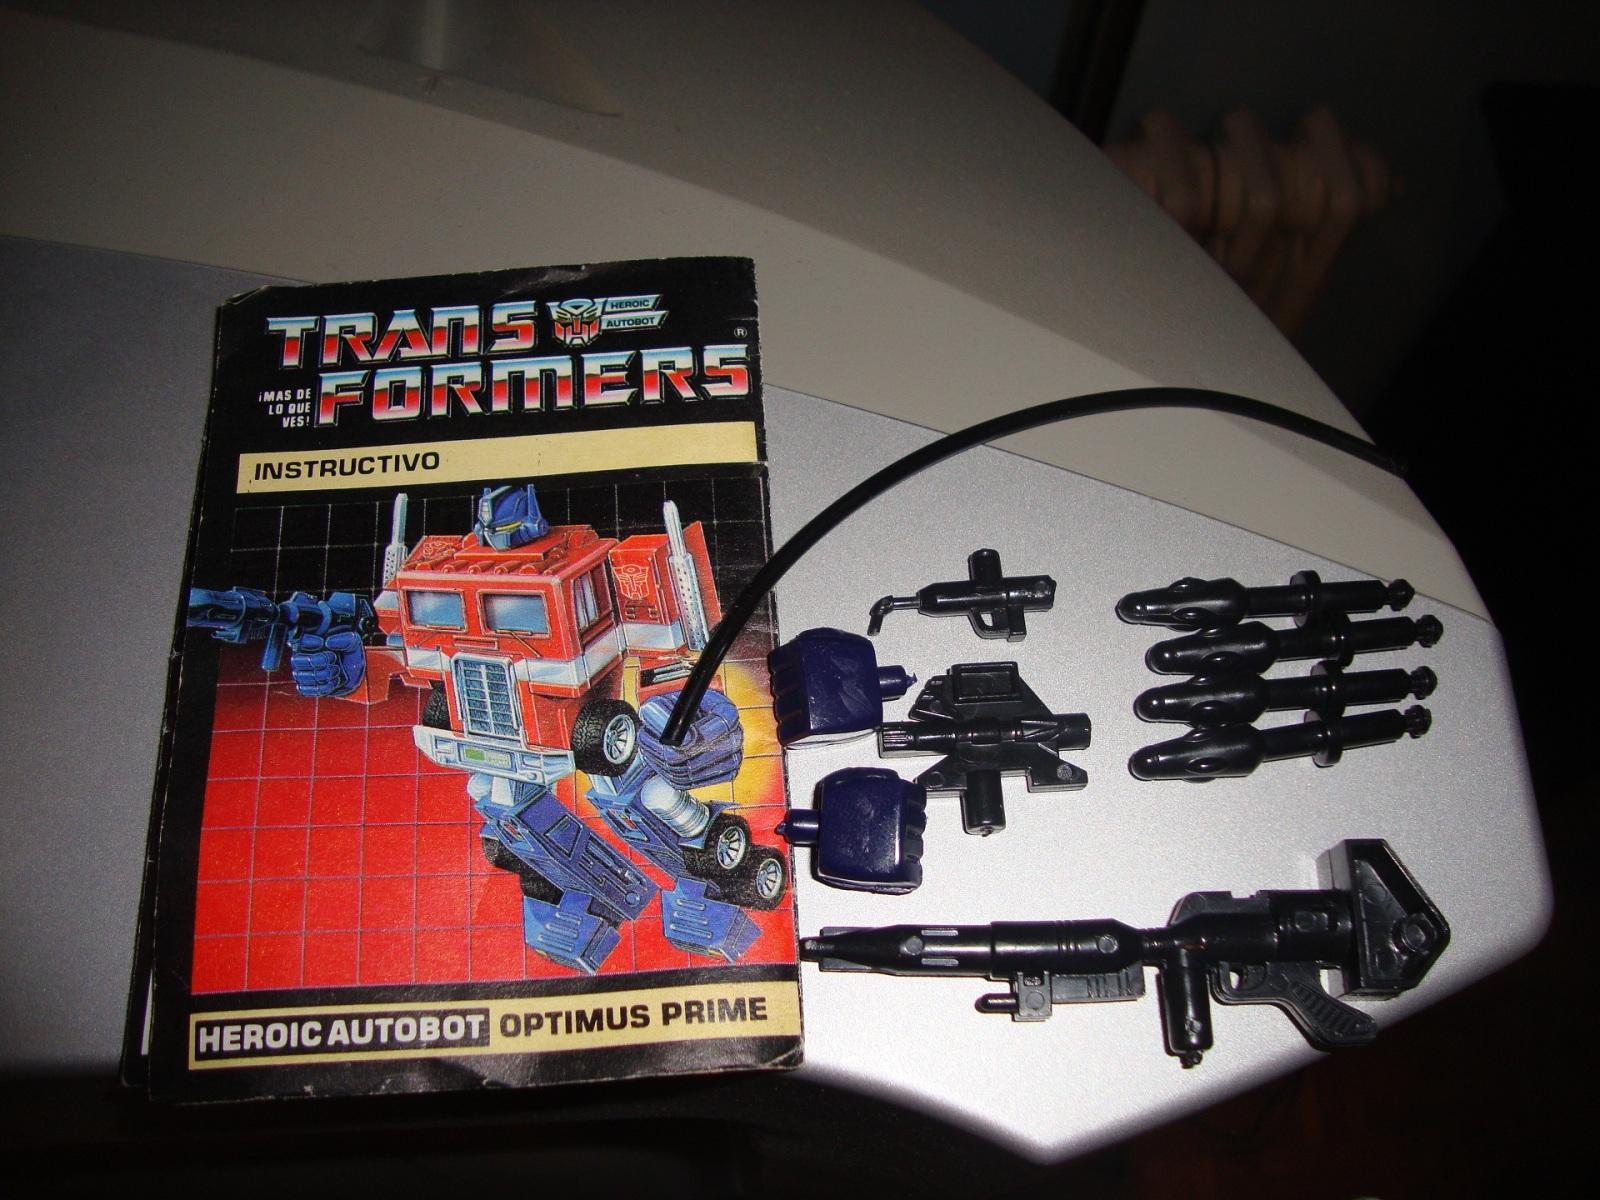 Transfans Srbija - TransFansPortal Nebwvl